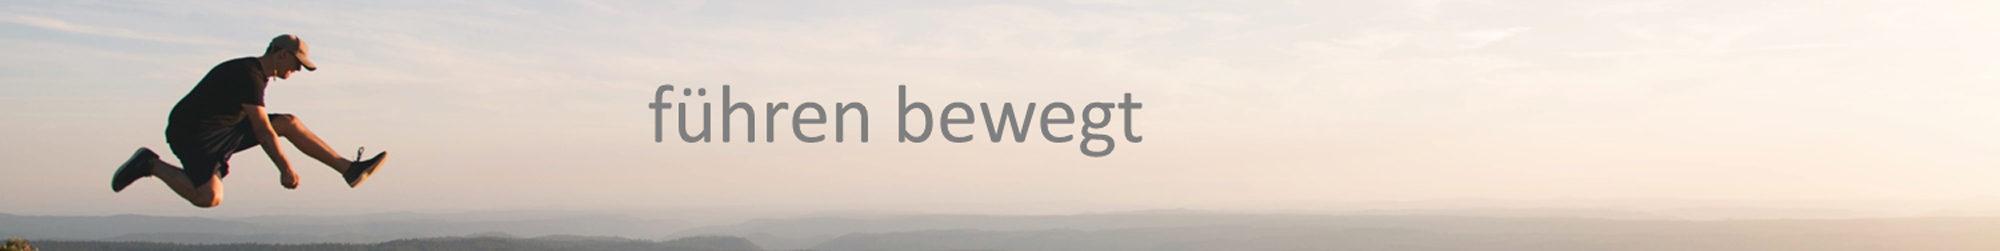 Unternehmerseminare, Führungsseminare, Unternehmercoaching, Ziele-Seminar, Motivationsseminar, Feuerbohren, Mitarbeitermotivation, Mitarbeiterführung, Mitarbeiterprobleme, Unternehmerzeit, Lutz Penzel, Dorothe Bergler